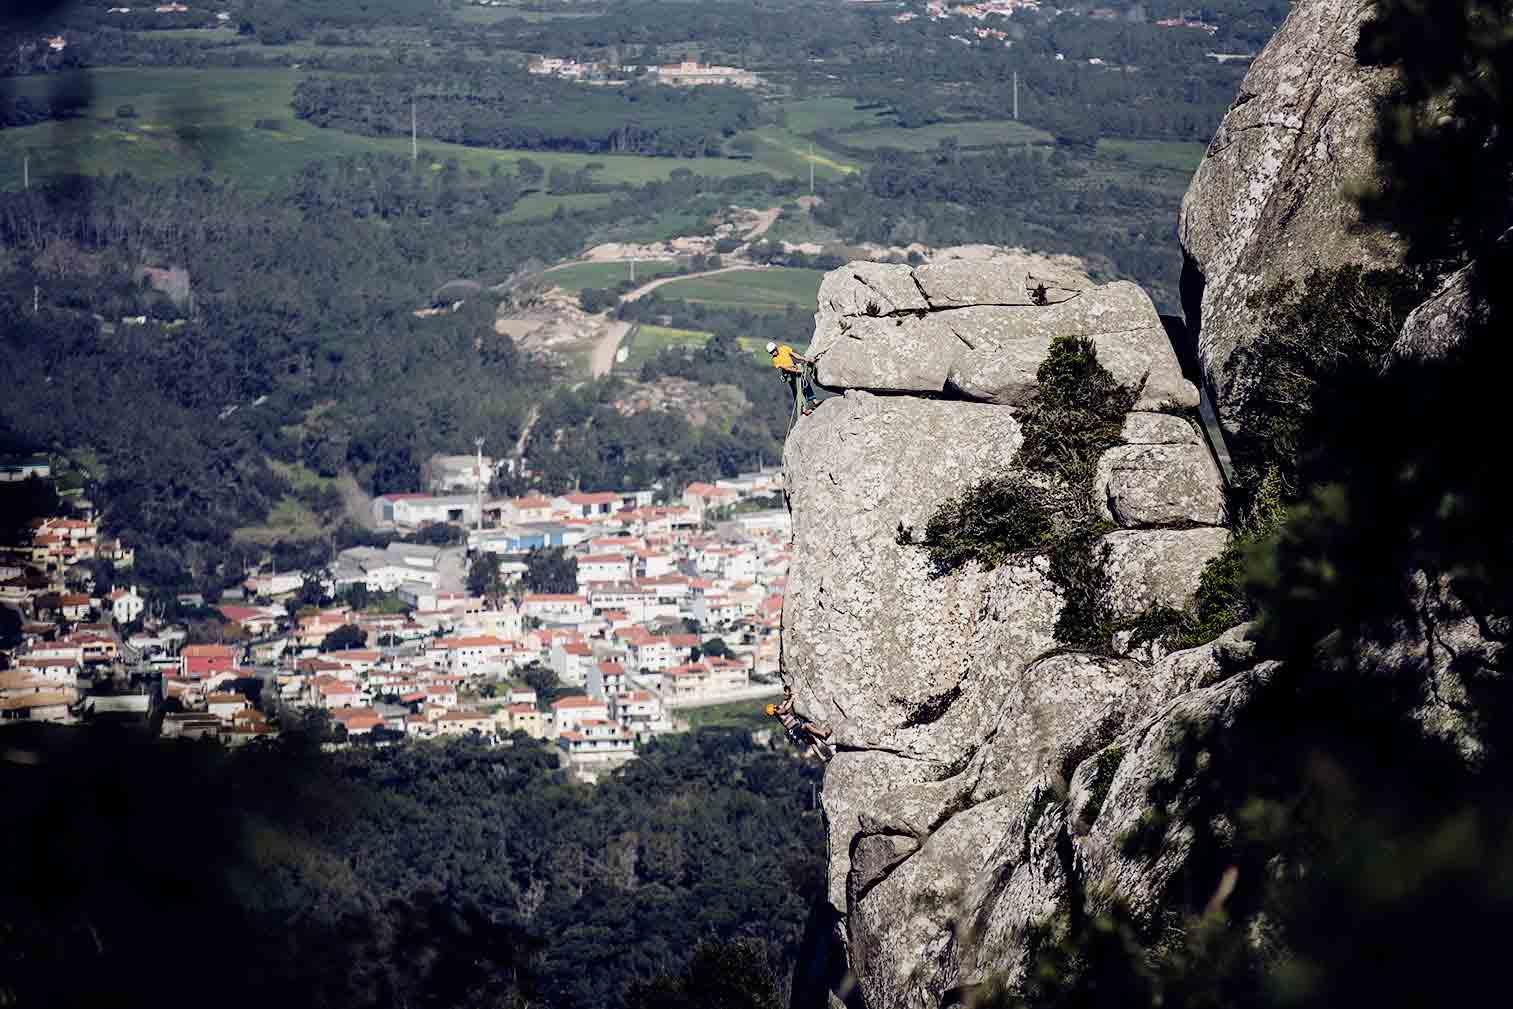 Kletterkurs im Klettercamp am Meer